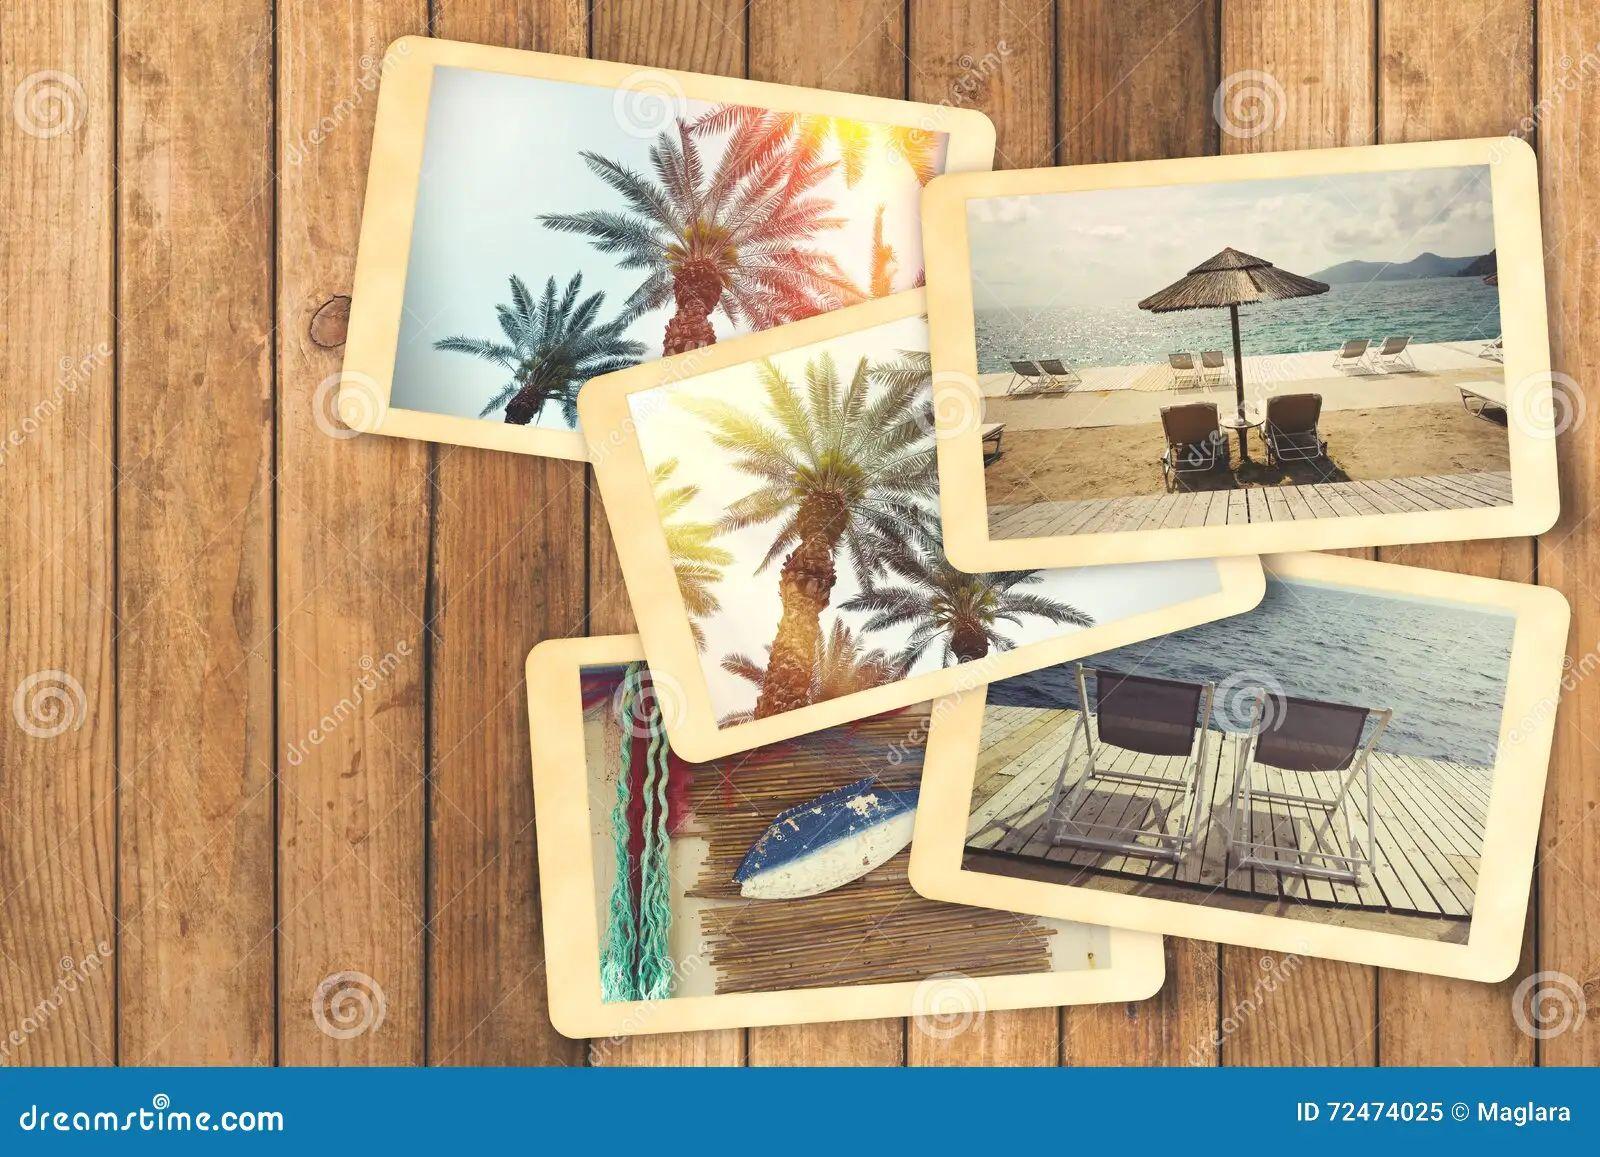 summer photoalbum